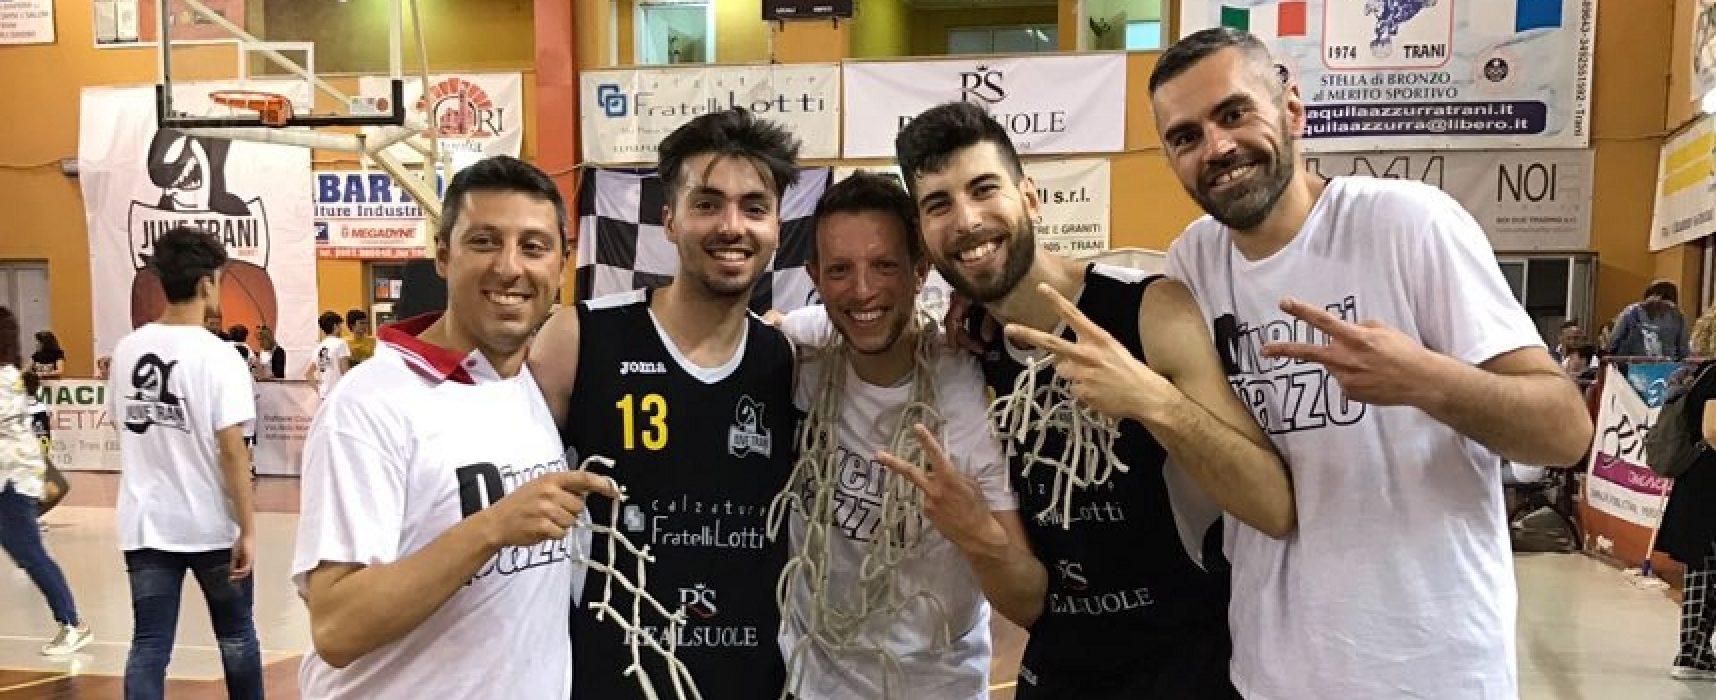 Basket, c'è un pizzico di Bisceglie nella promozione della New Juve Trani in serie D